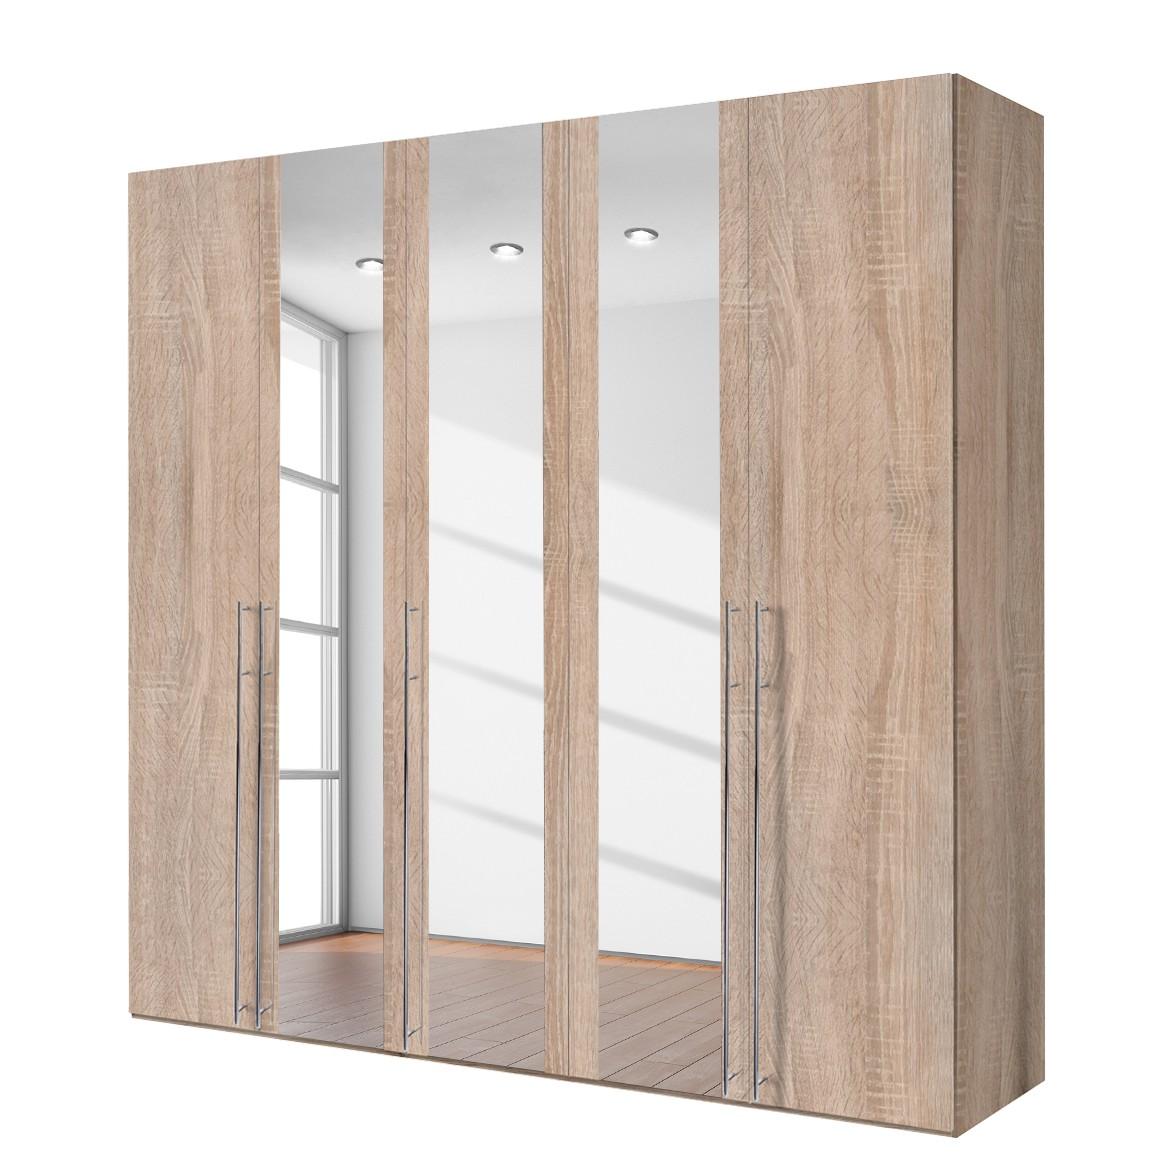 goedkoop Draaideurkast Brooklyn XIII Sonoma eikenhoutkleurig spiegelglas 250cm 5 deurs 236cm Express Mobel